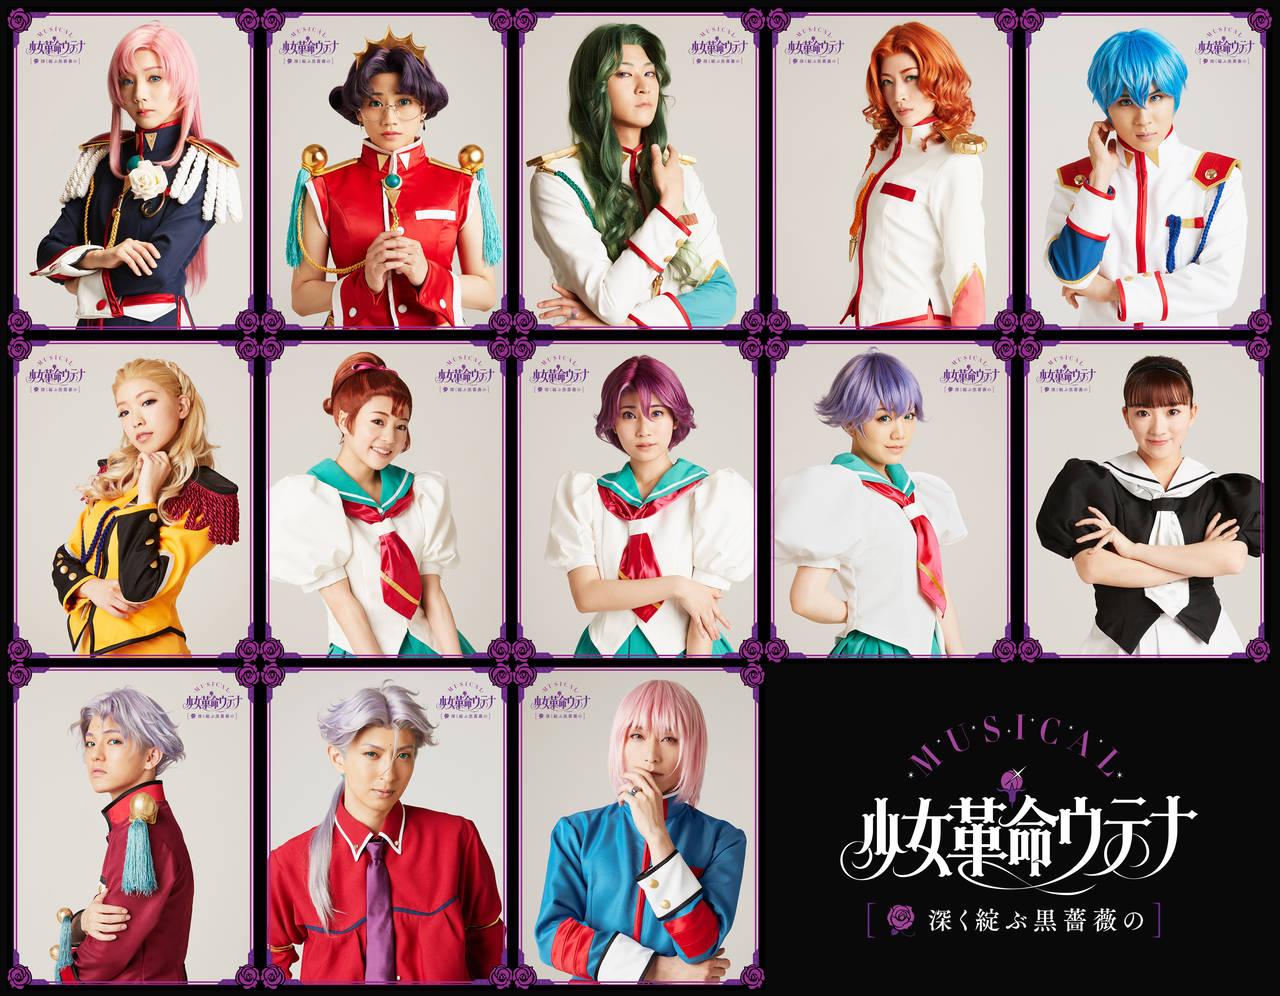 ミュージカル『少女革命ウテナ~深く綻ぶ黒薔薇の~』キャラクタービジュアル解禁!